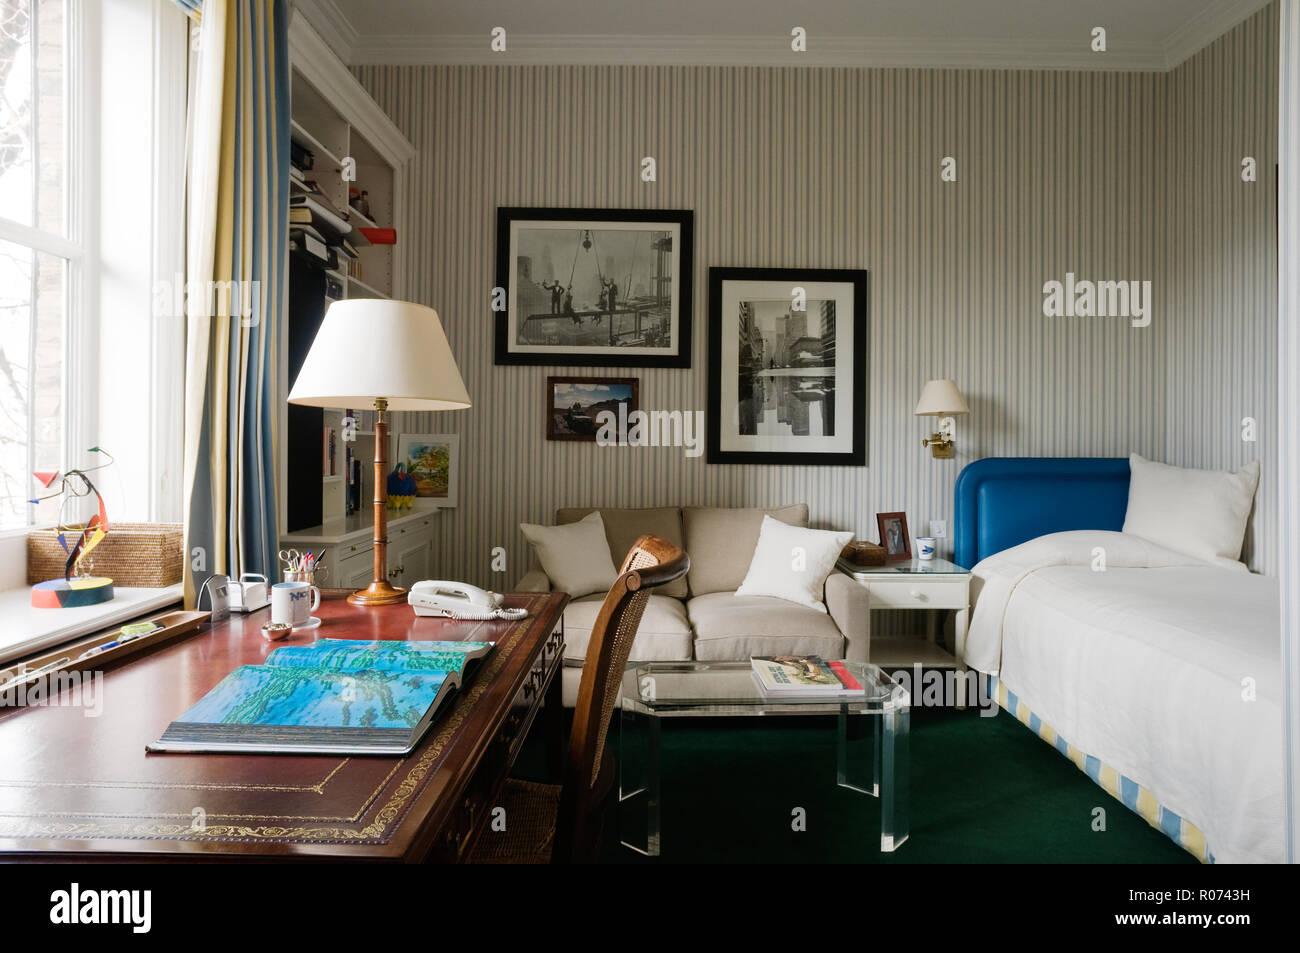 Camera da letto matrimoniale moderna andalusia. Camera Da Letto Matrimoniale Con Scrivania E Divano Foto Stock Alamy